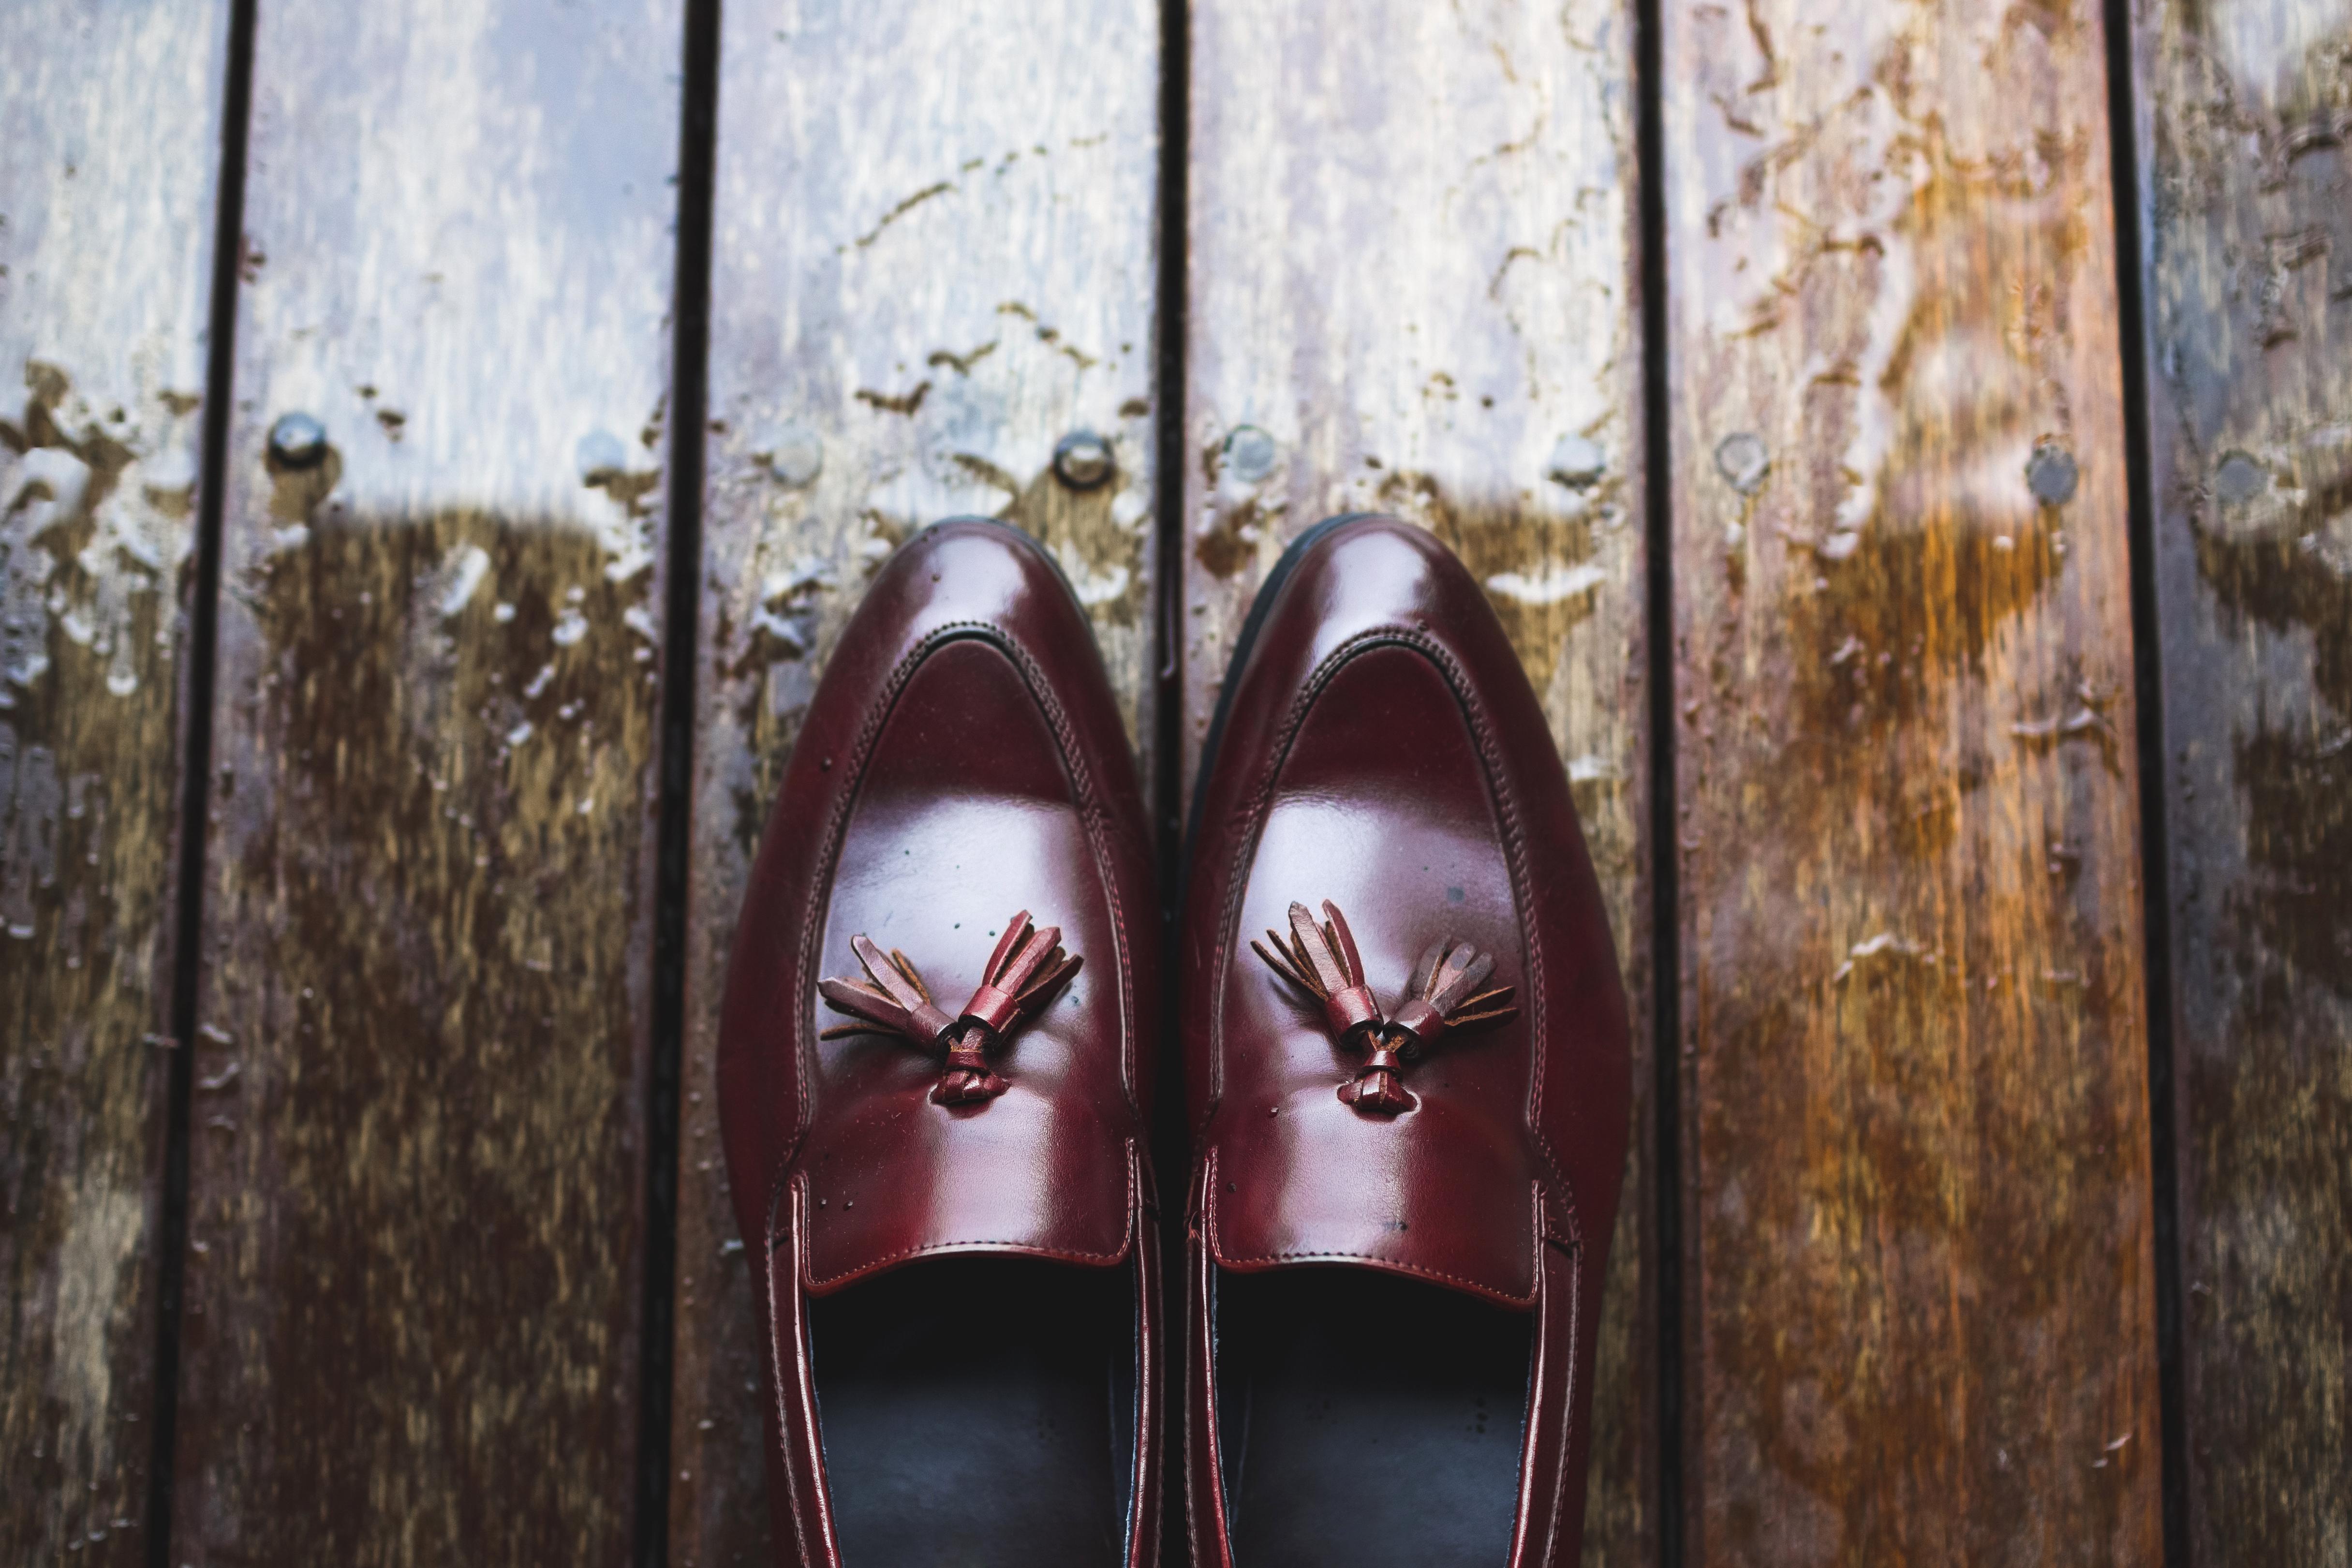 春雨の季節、革靴の「出かける前に」「濡れた後に」「仕舞う時に」できること。